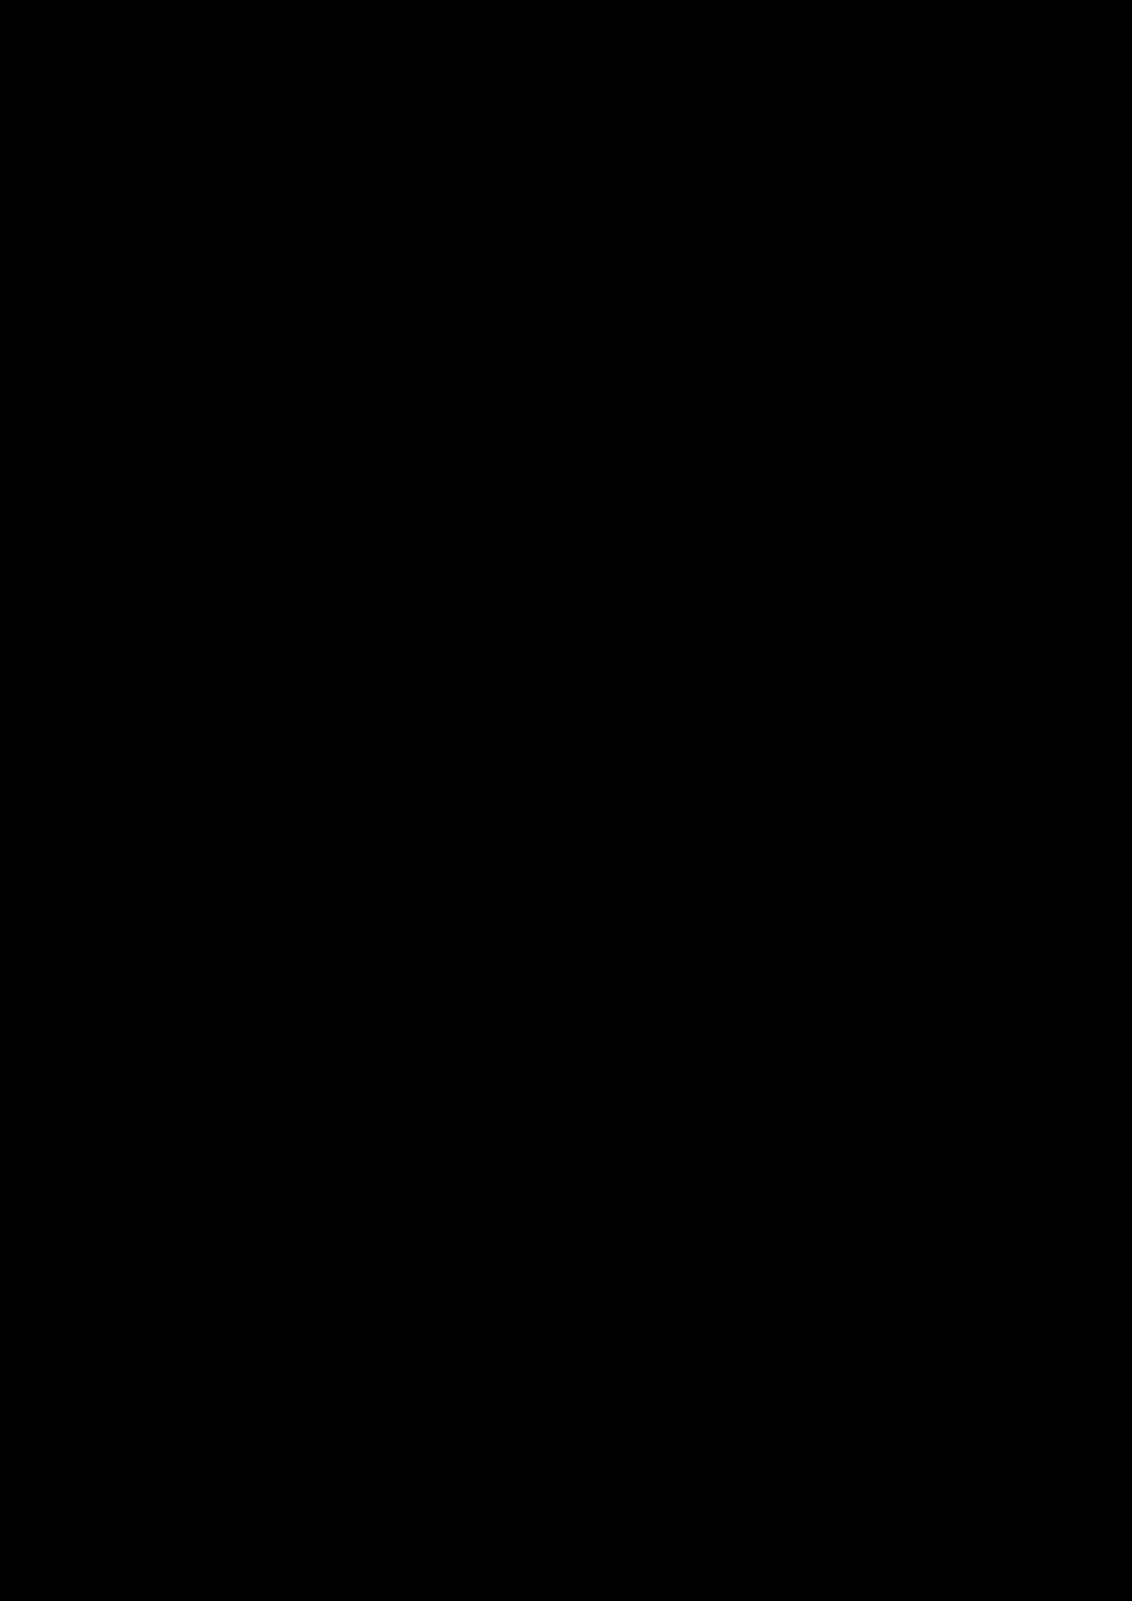 Zagadka volshebnoy stranyi slide, Image 106